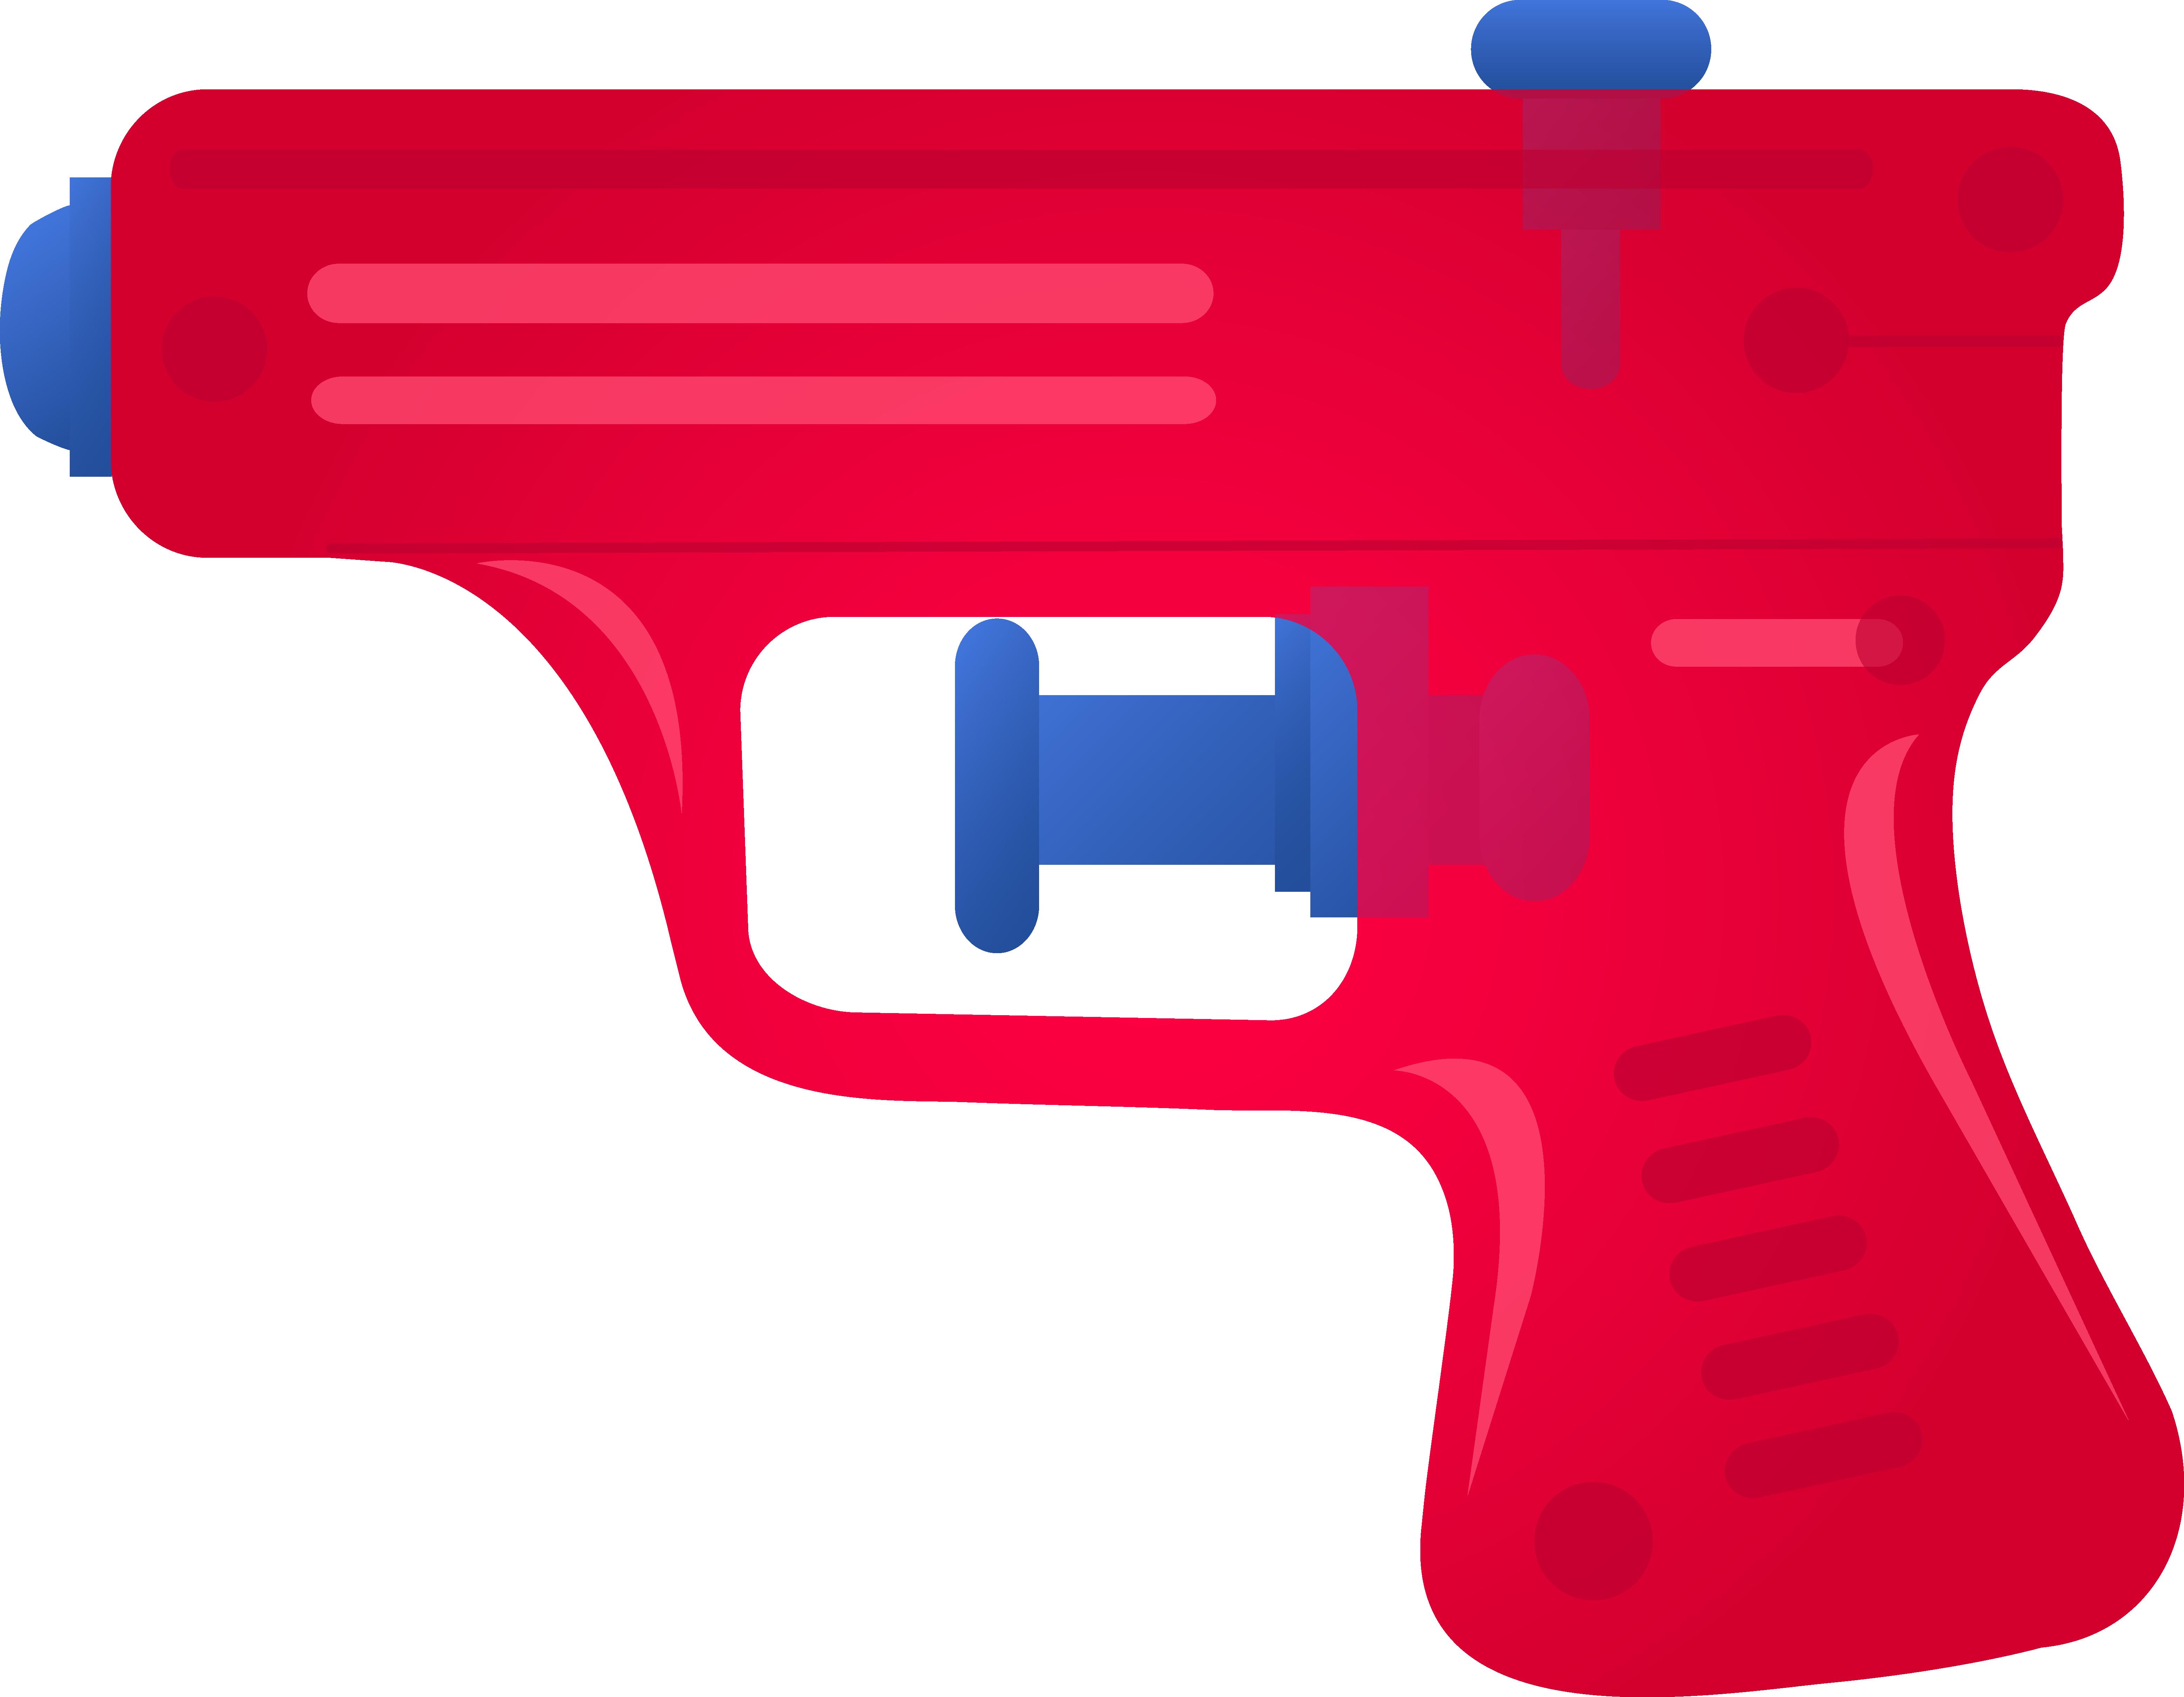 Red Toy Squirt Gun.